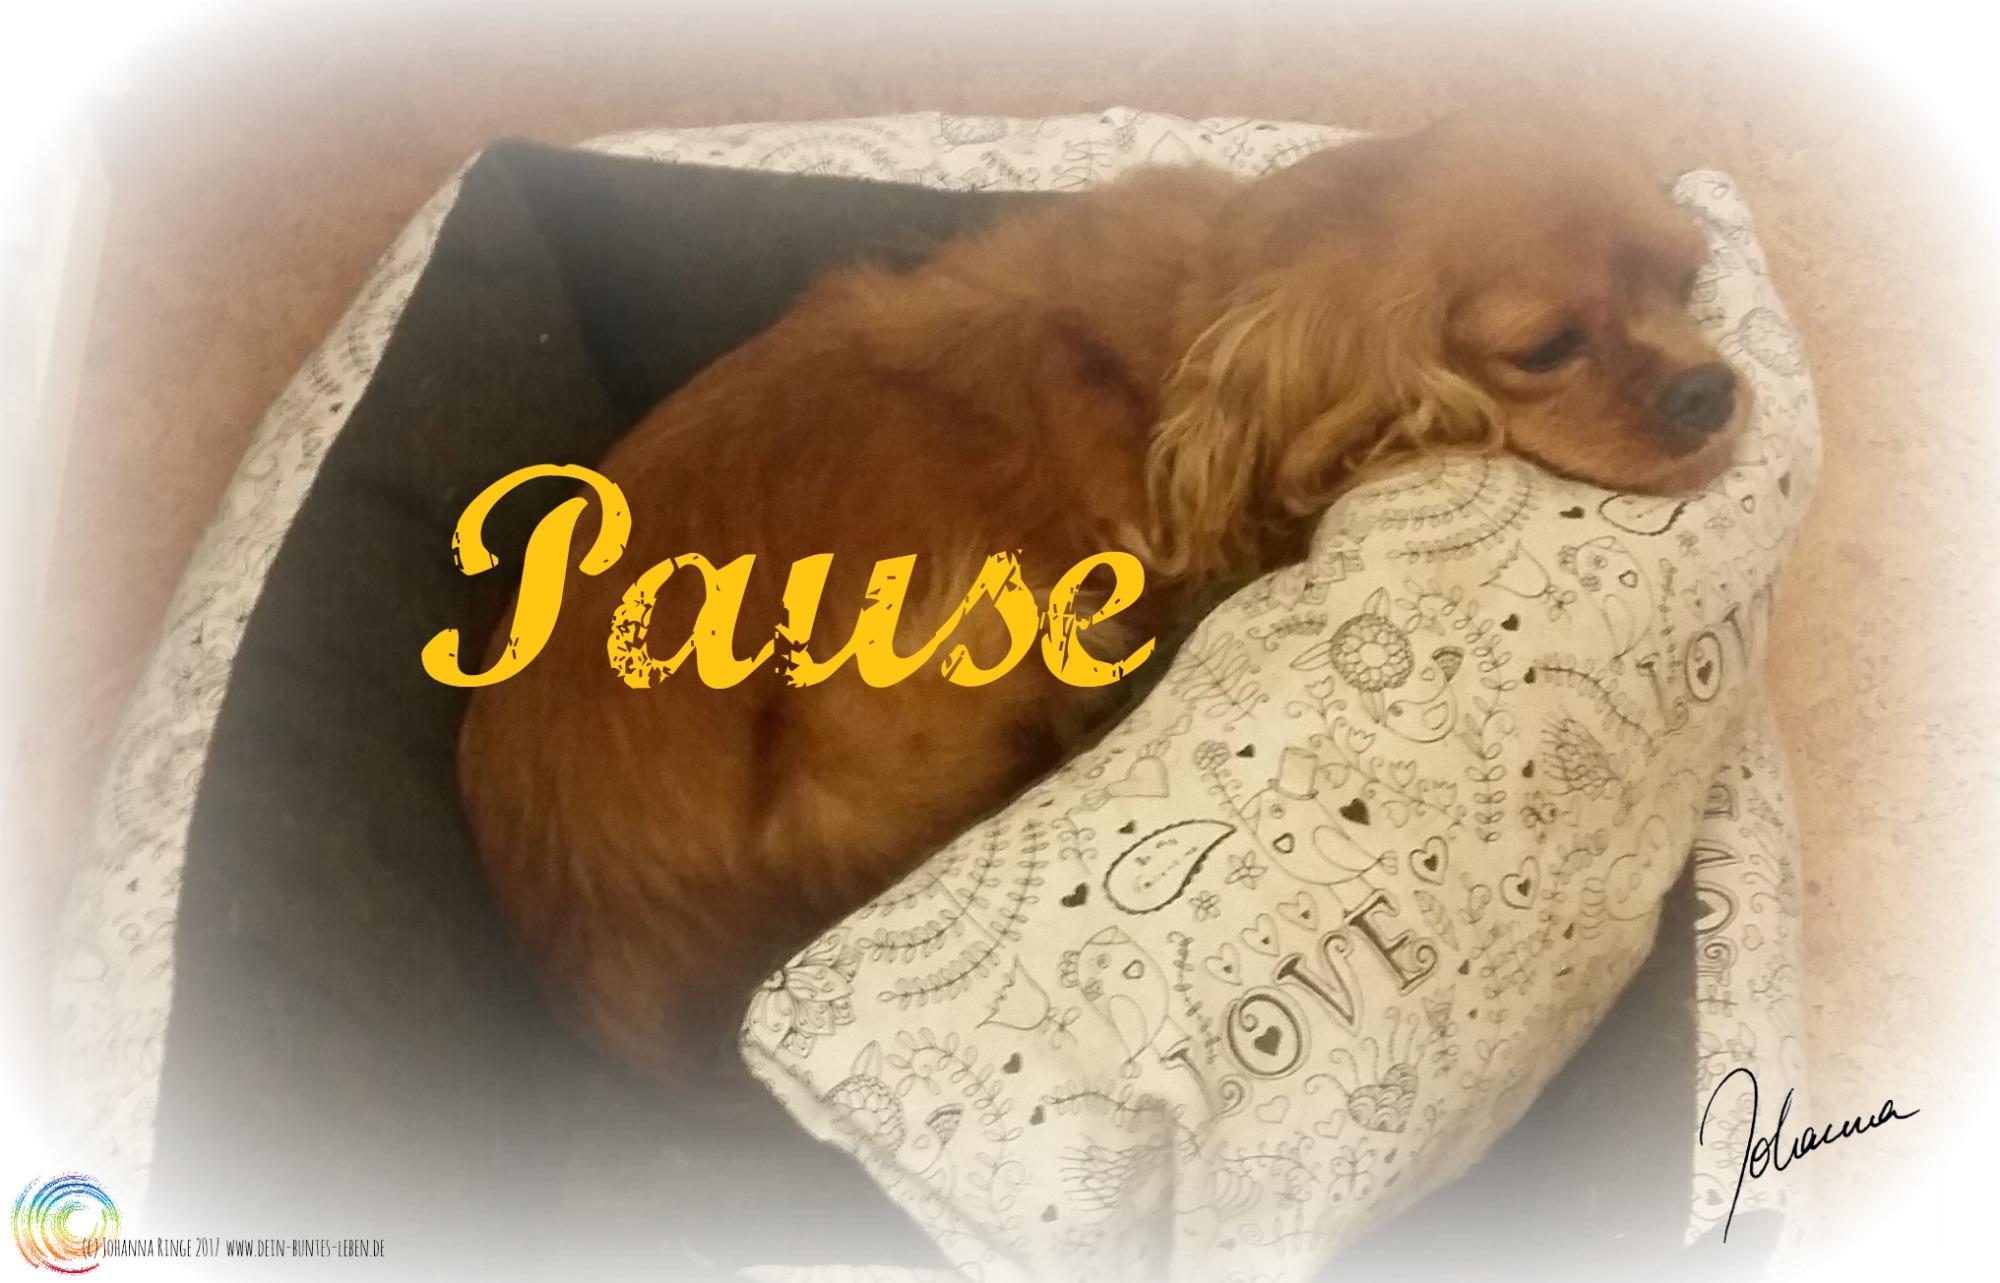 """Bild vom Hund im Bettchen mit dem Wort """"Pause"""" darüber. (c) Johanna Ringe 2017 www.dein-bunte-leben.de"""